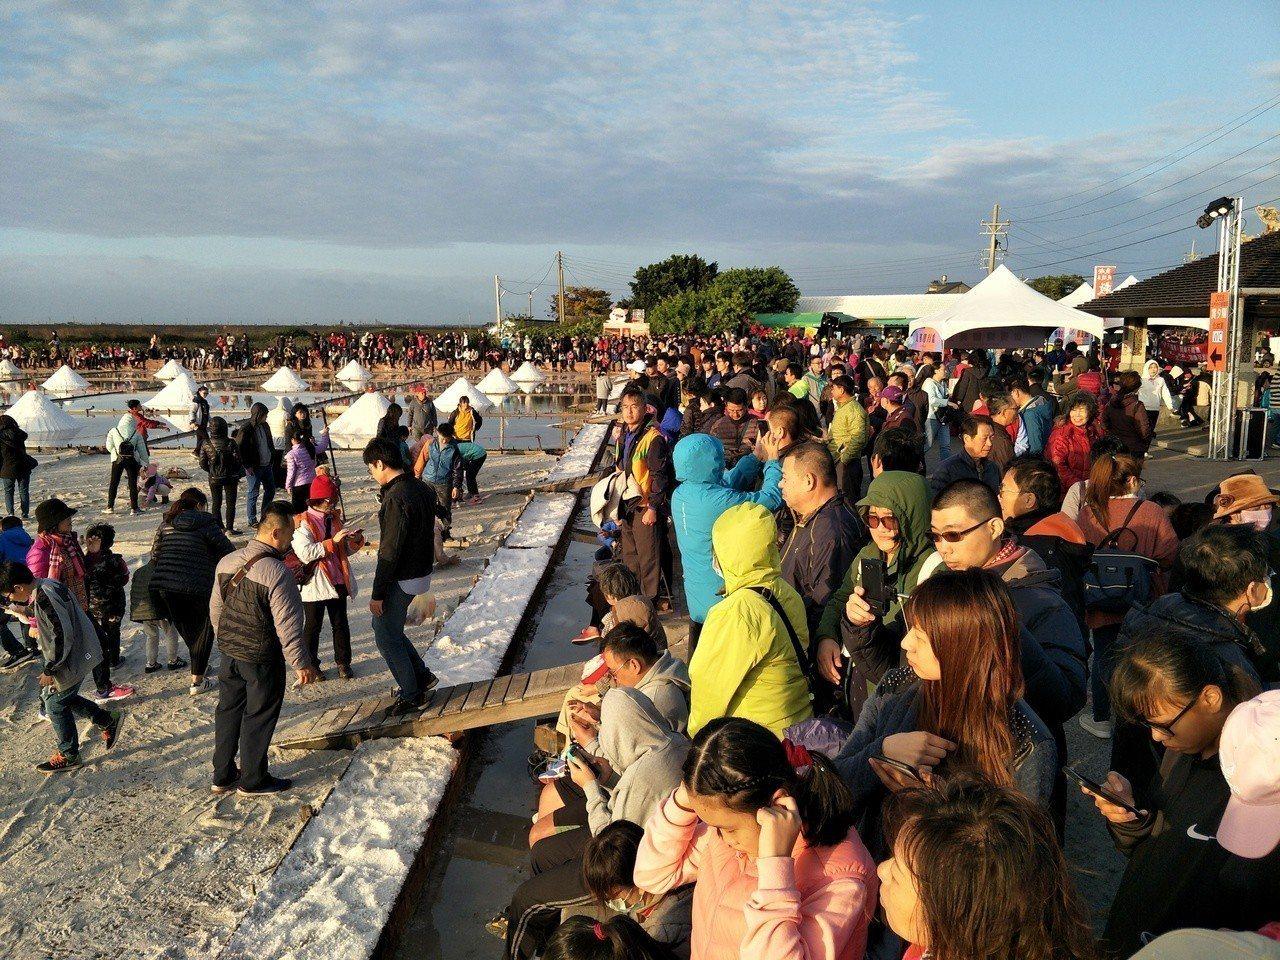 現場吸引大批遊客準備觀賞落日。記者謝進盛/攝影